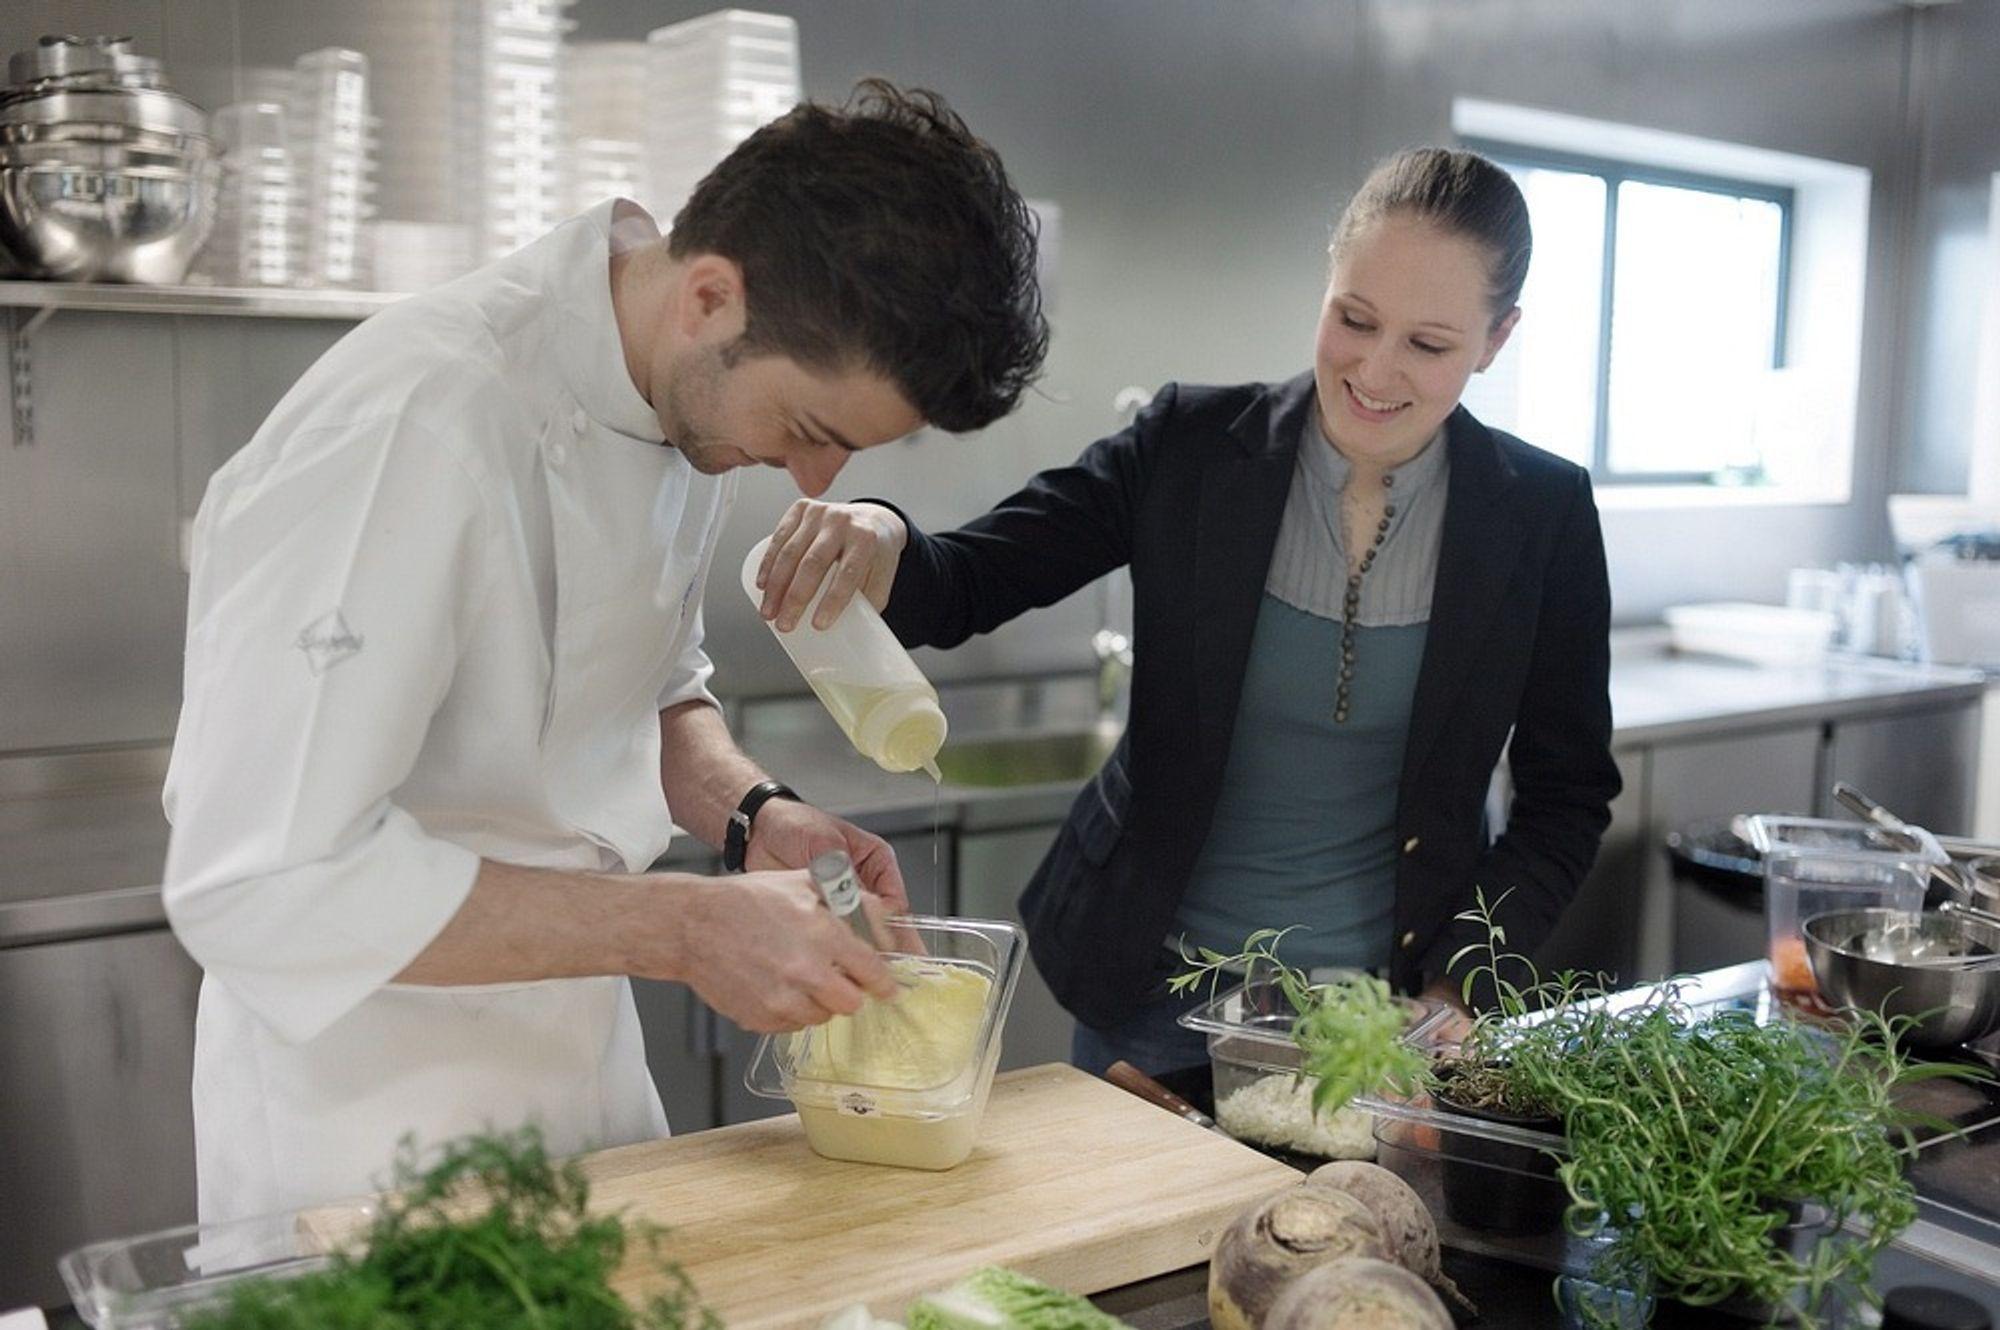 MATKJEMI: Guro Helgesdotter Rognså er utdannet sivilingeniør ved NTNU i Trondheim, med en mastergrad i kjemi og bioteknologi. Nå er hun den første som tar doktorgrad på molekylær gastronomi i Norge. Konsulent Daniel Rougé Madsen (t.v) håper næringsmiddelkunnskap skal heve nivået på kurstilbudet ved Gastronomisk Institutt i Stavanger.